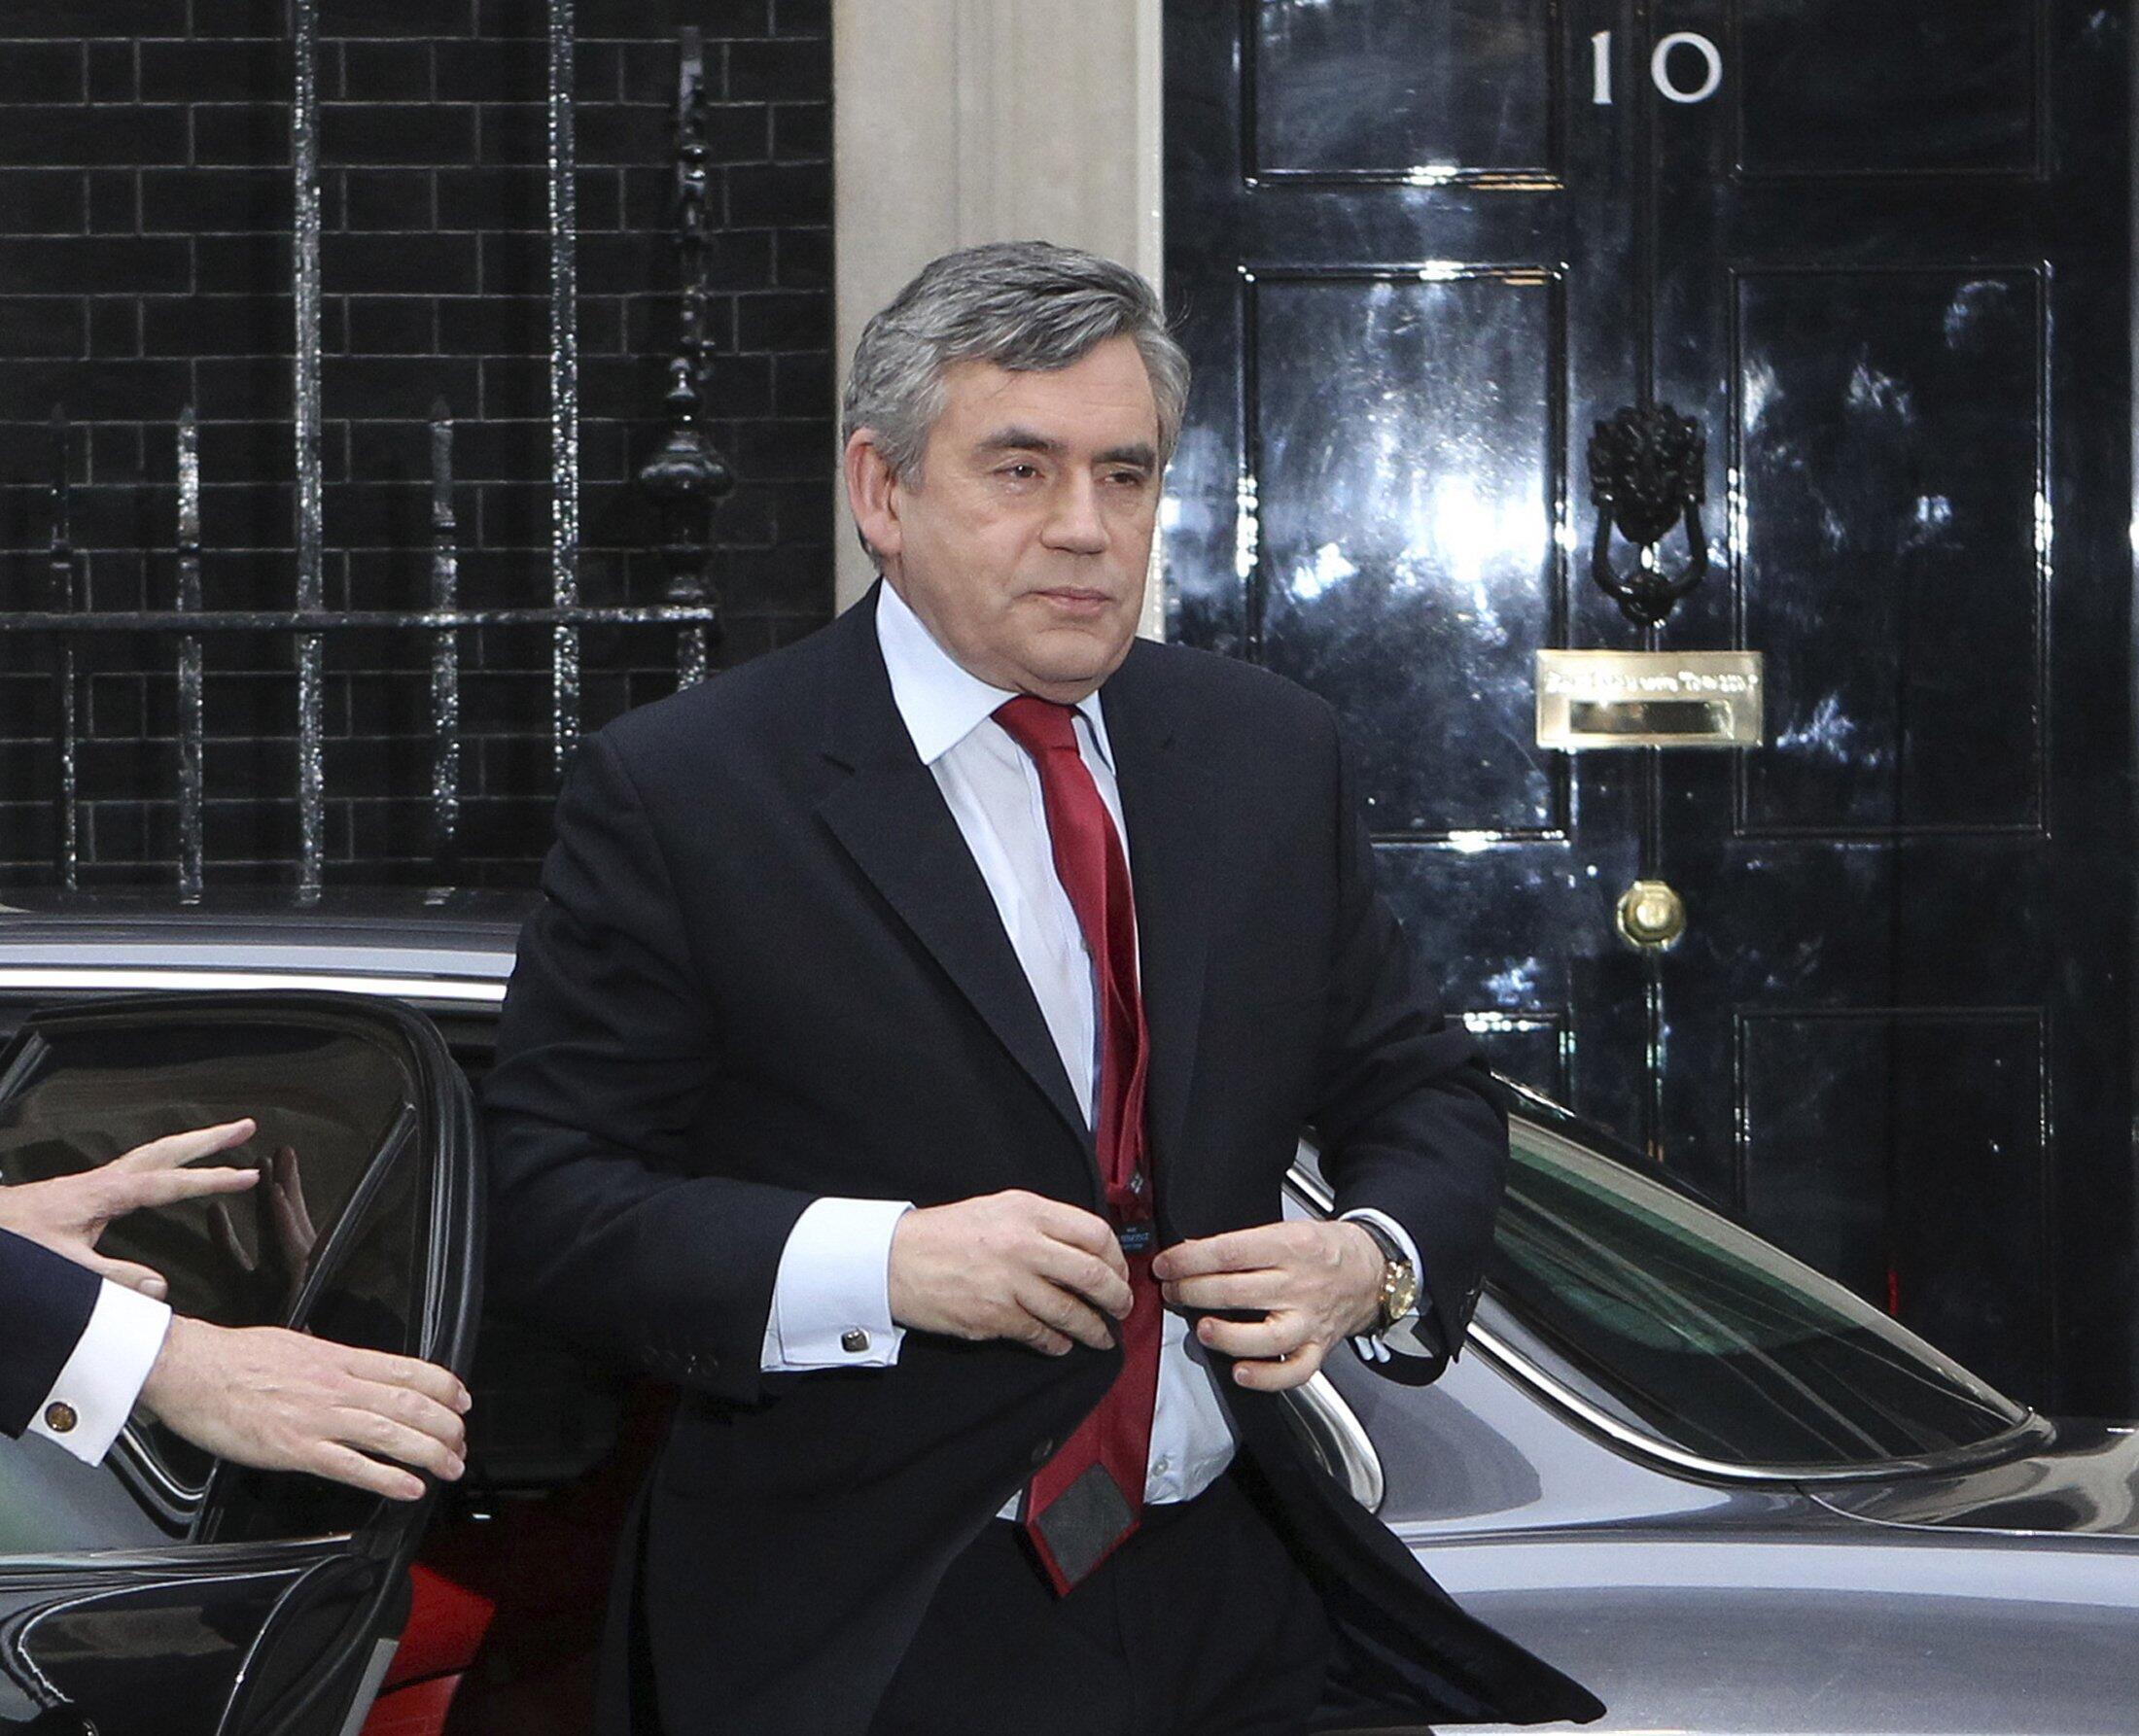 Le Premier ministre britannique Gordon Brown se dit prêt à quitter la direction du Parti travailliste pour favoriser un accord de gouvernement avec le LibDem